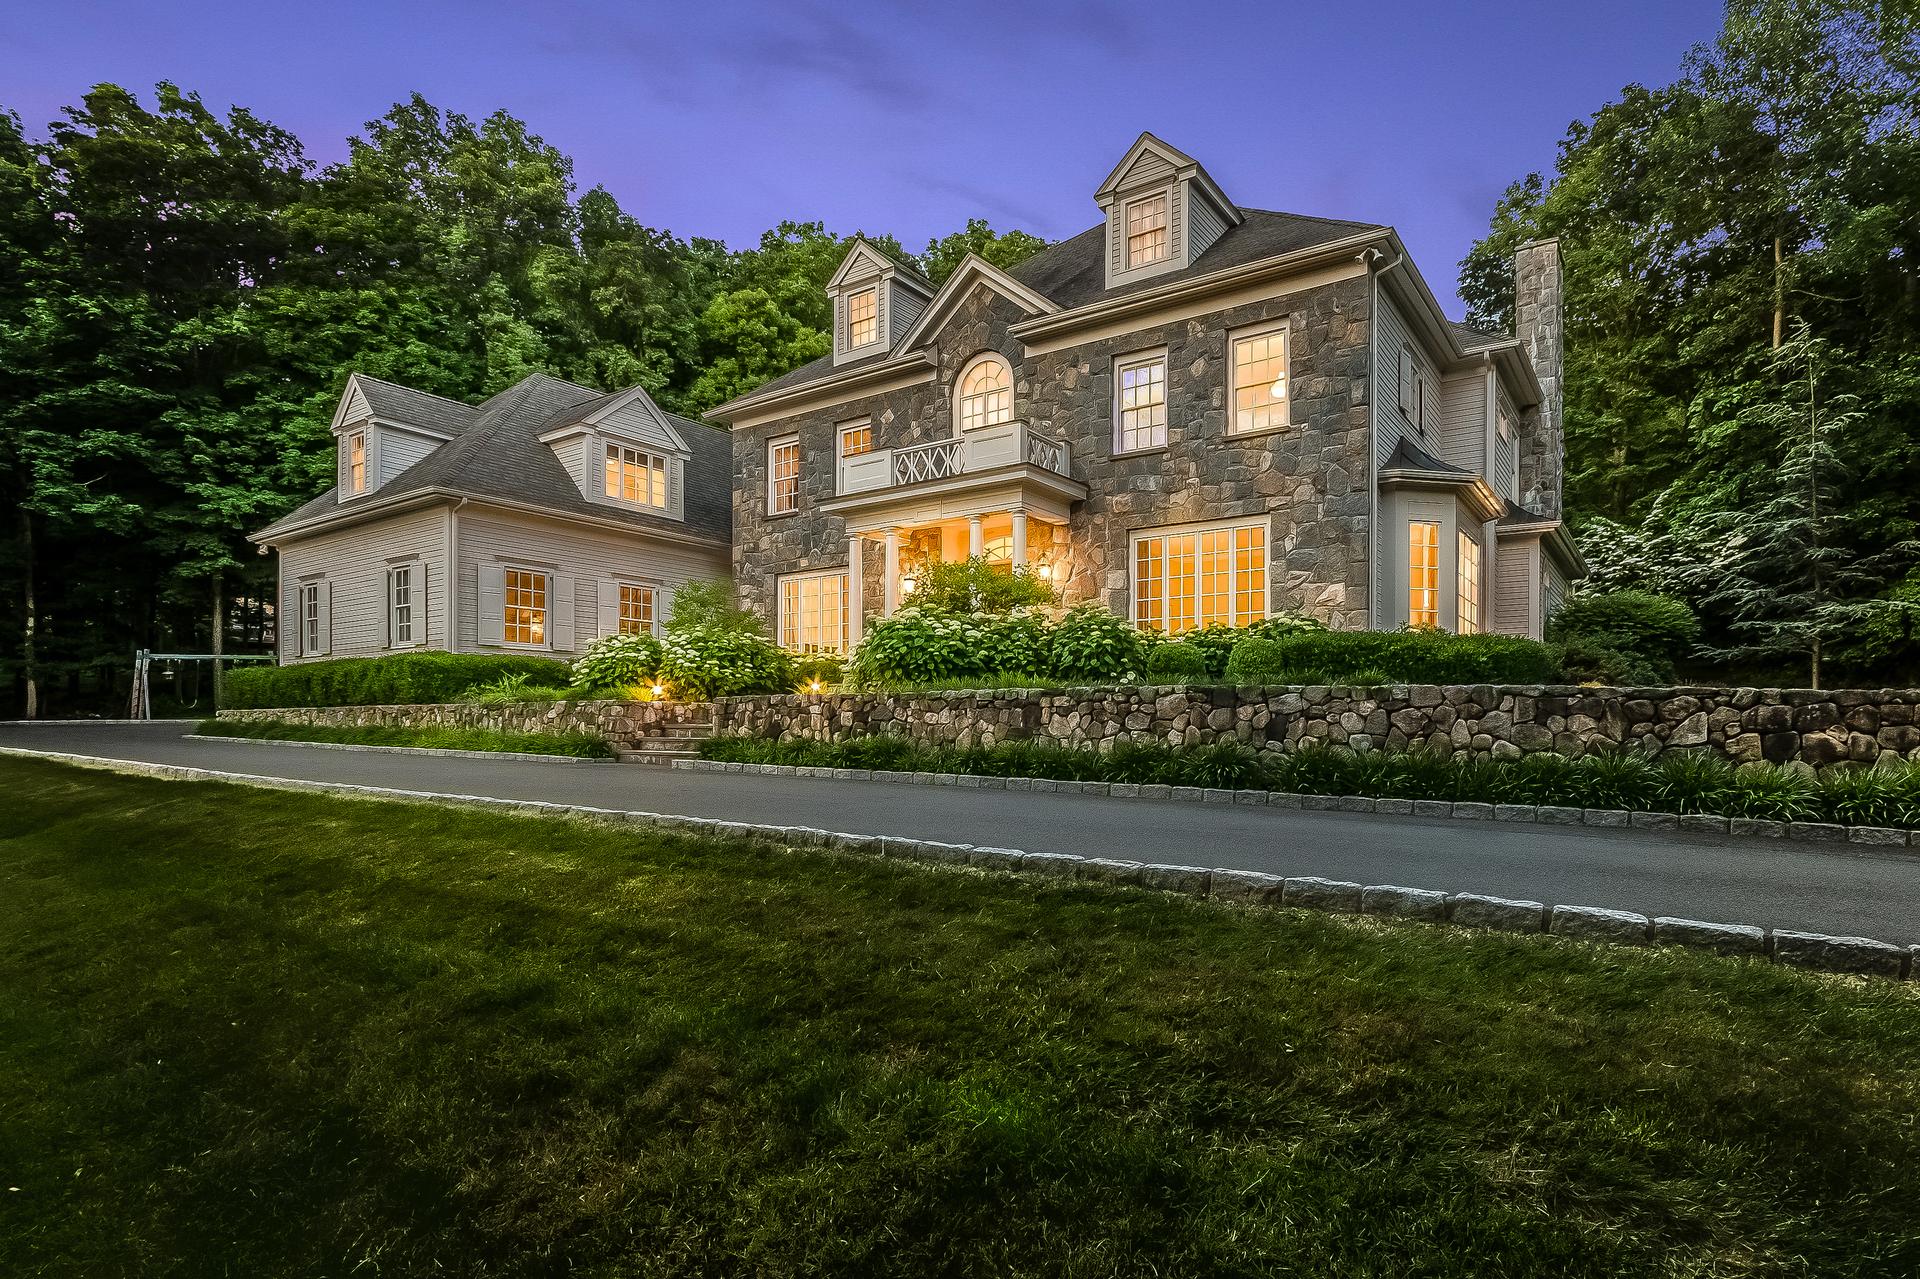 단독 가정 주택 용 매매 에 Sophisticated, Private and Serene 28 Pheasant Hill Road Weston, 코네티컷, 06883 미국